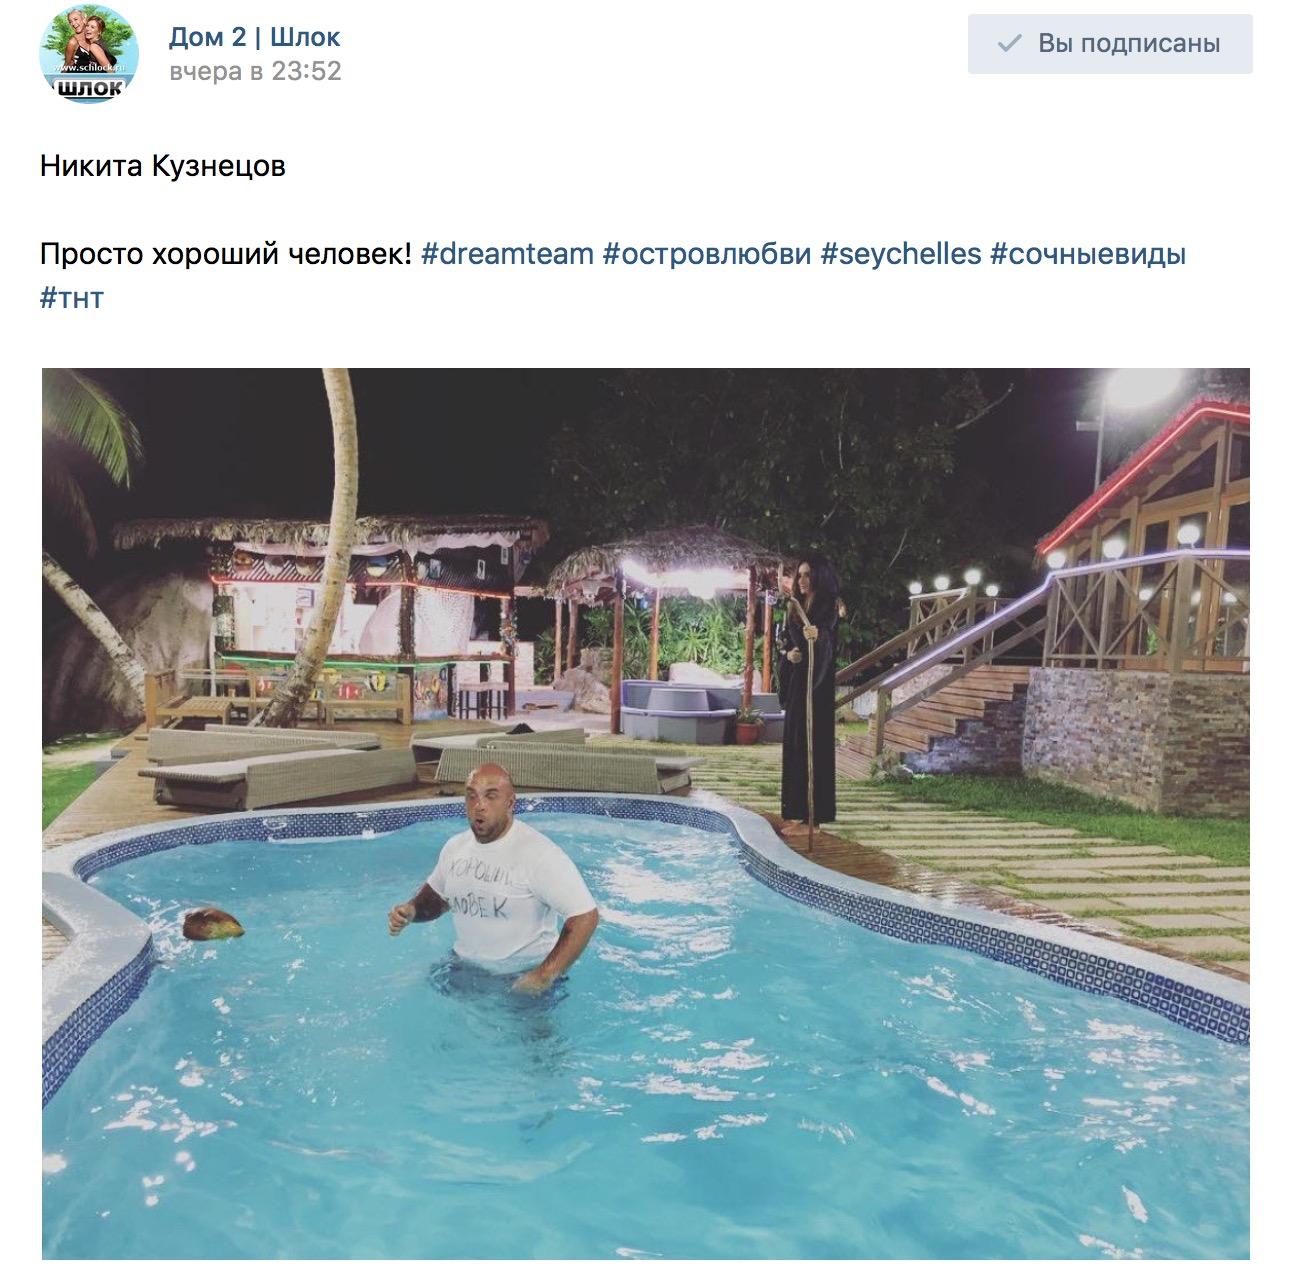 Никита Кузнецов. Просто хороший человек!